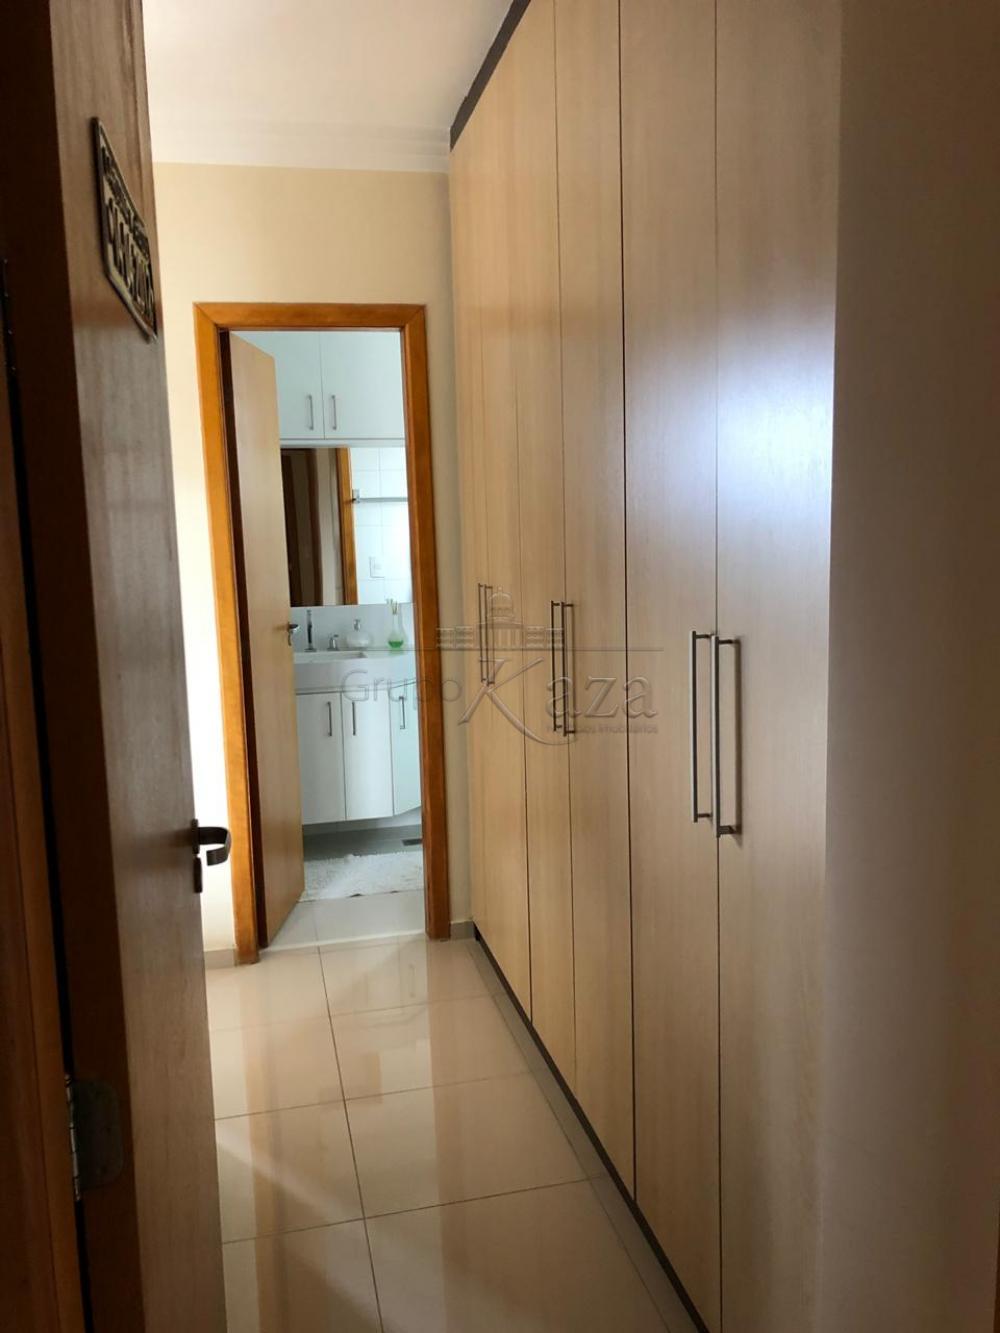 Comprar Apartamento / Padrão em São José dos Campos R$ 750.000,00 - Foto 17